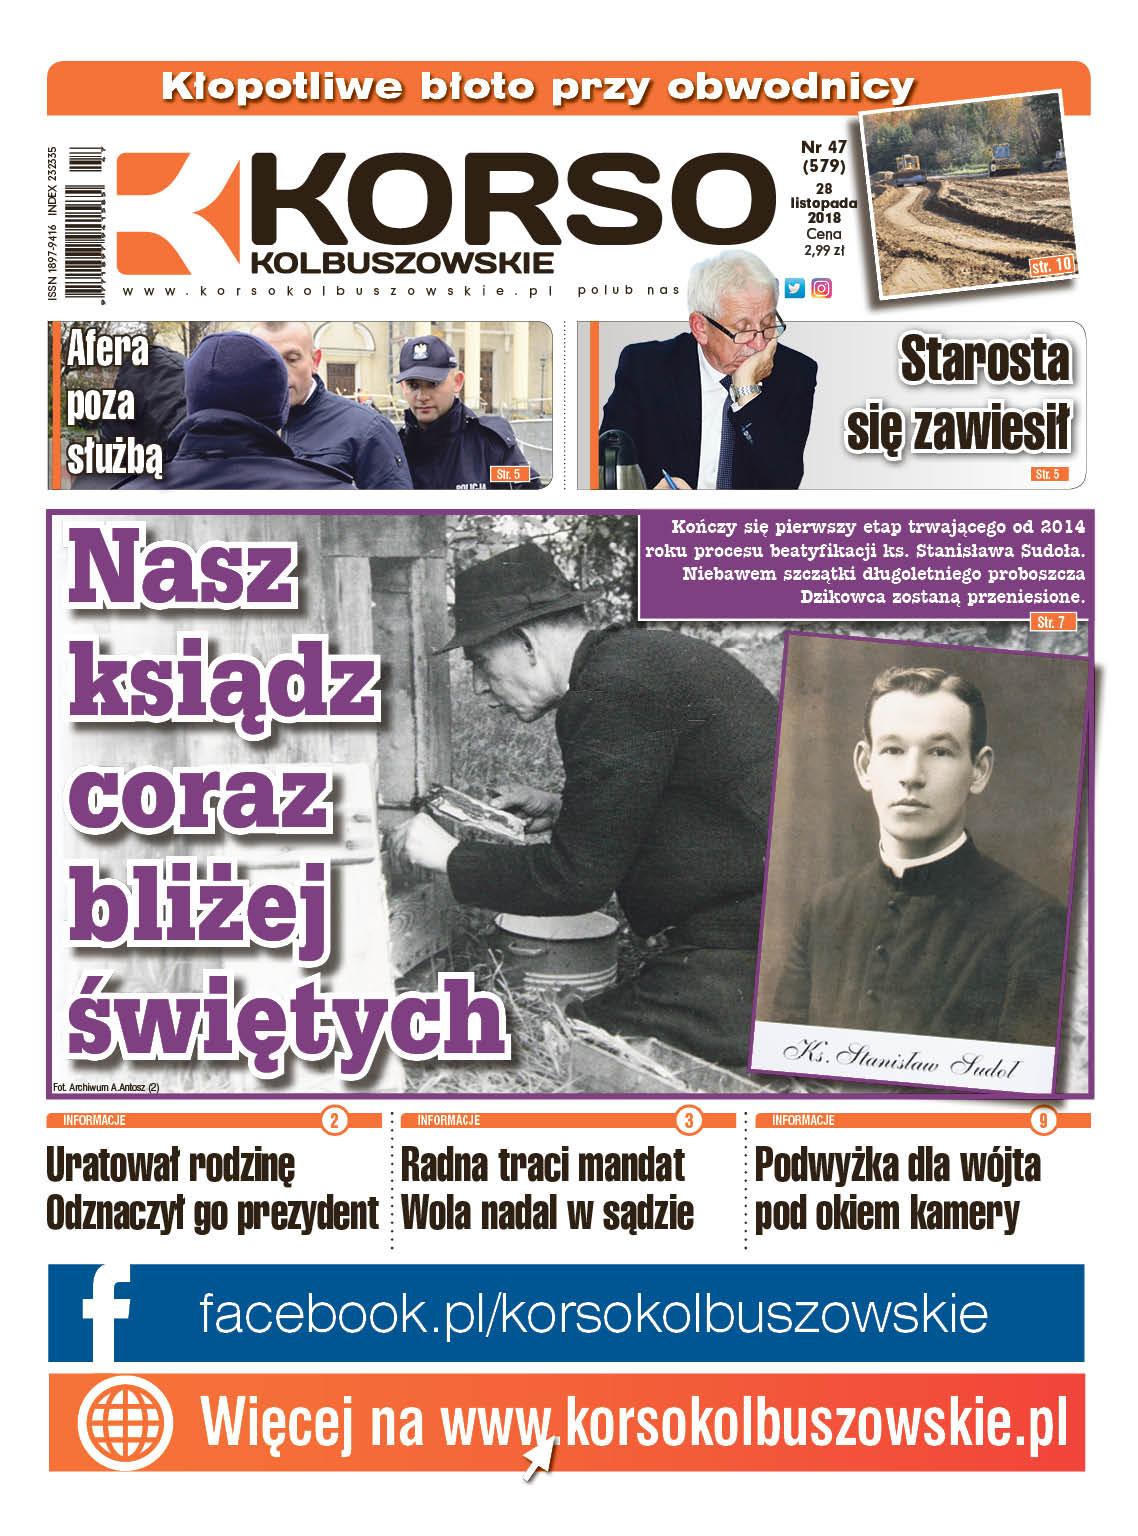 Korso Kolbuszowskie - nr 47/2018 - Zdjęcie główne